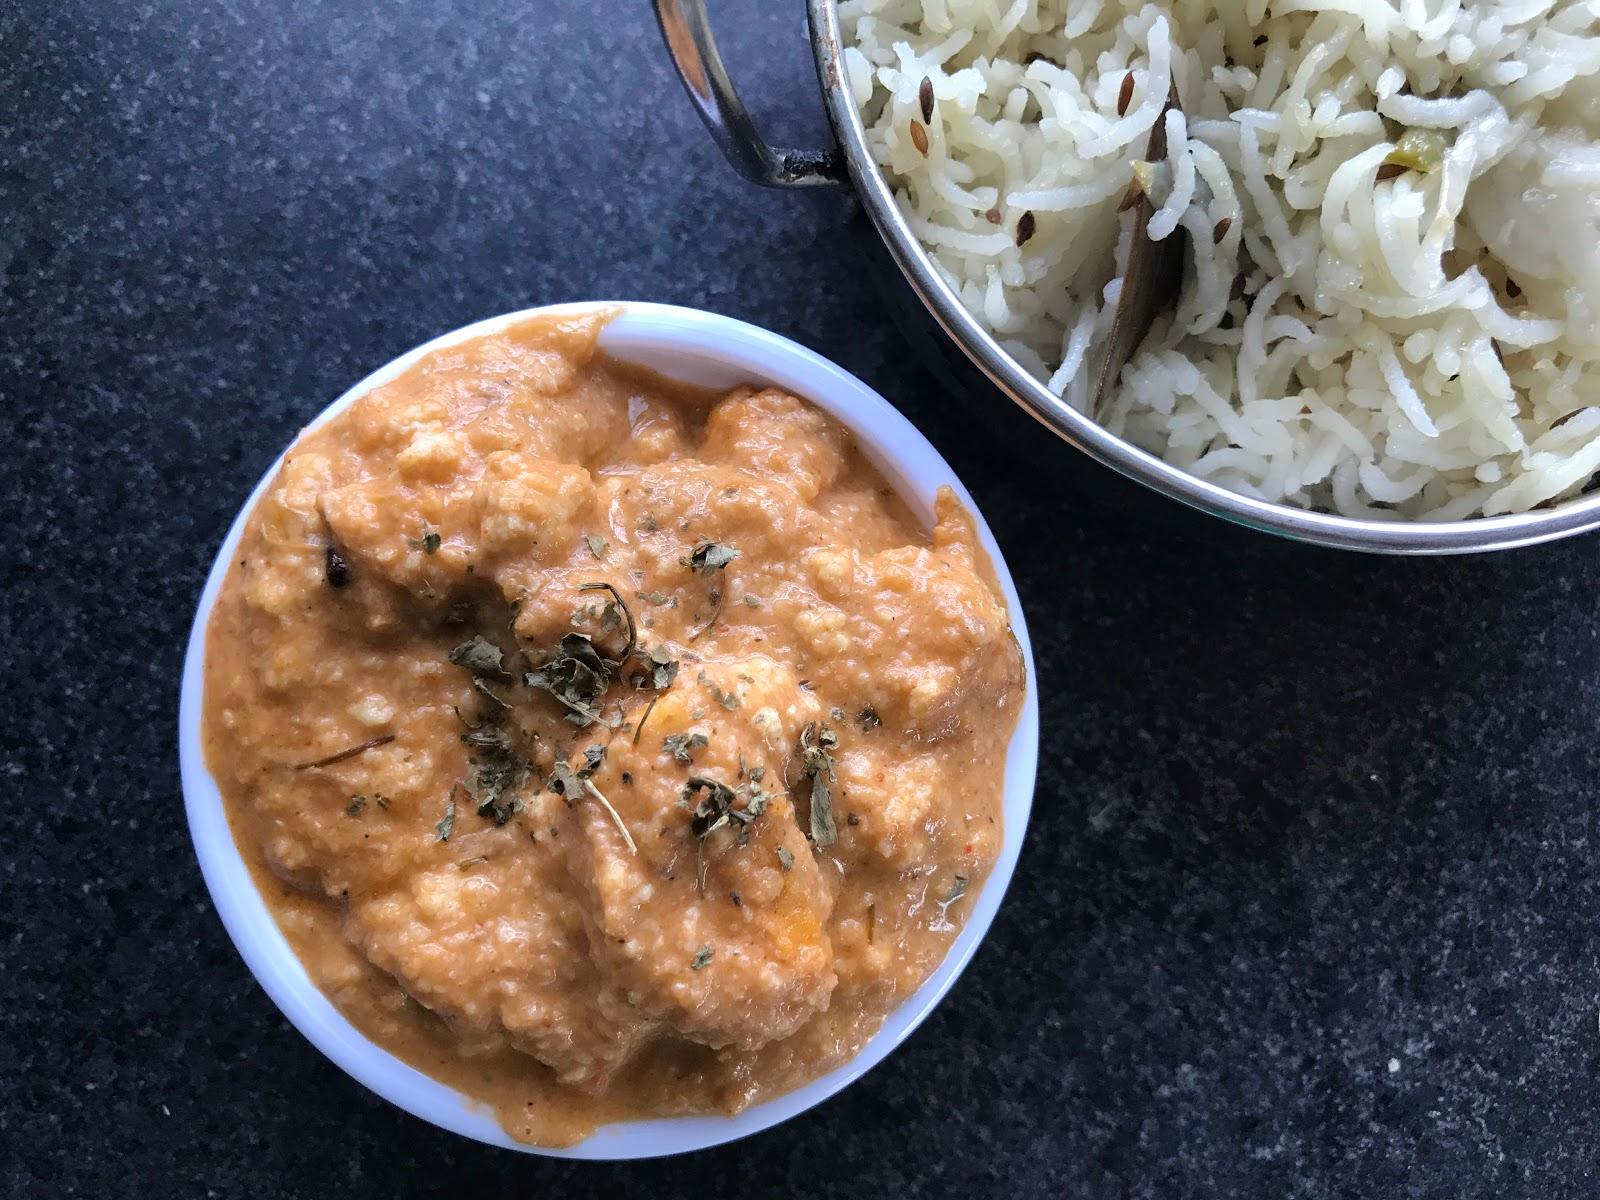 http://www.shobiskitchen.com/2017/10/my-100th-post-paneer-butter-masala.html